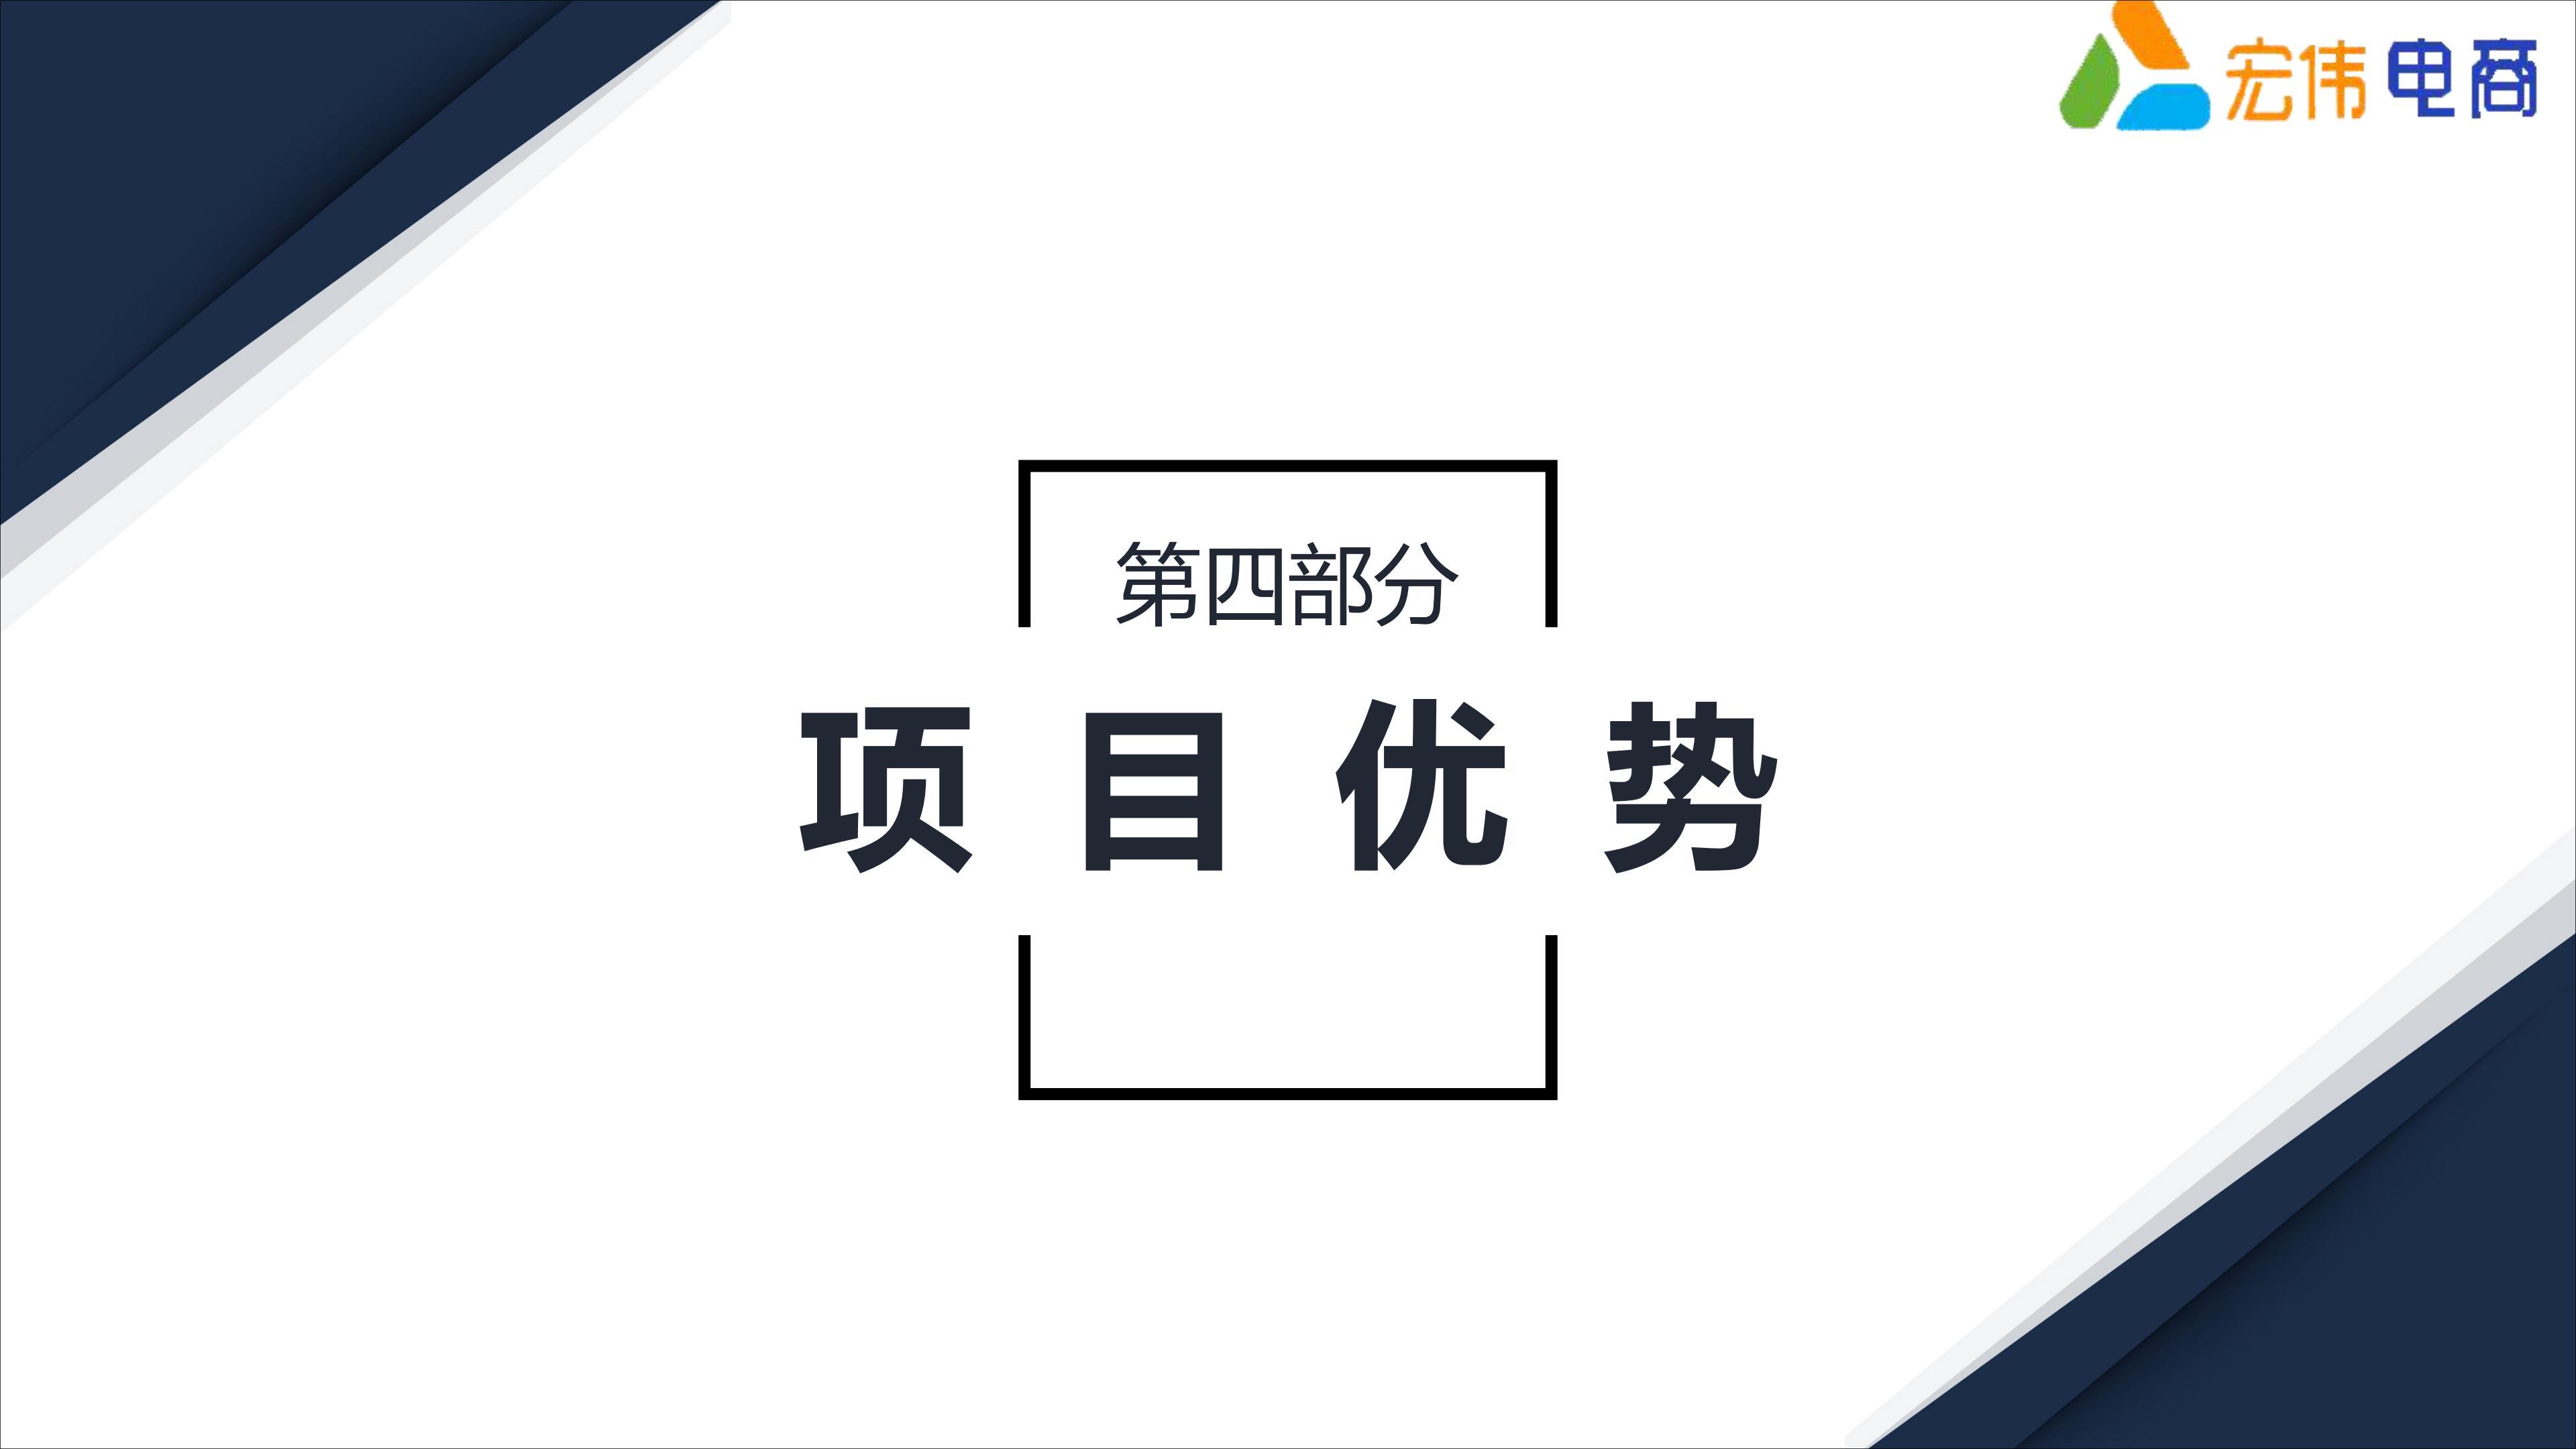 红薯助力万人脱贫创业计划定稿(1)_13.jpg